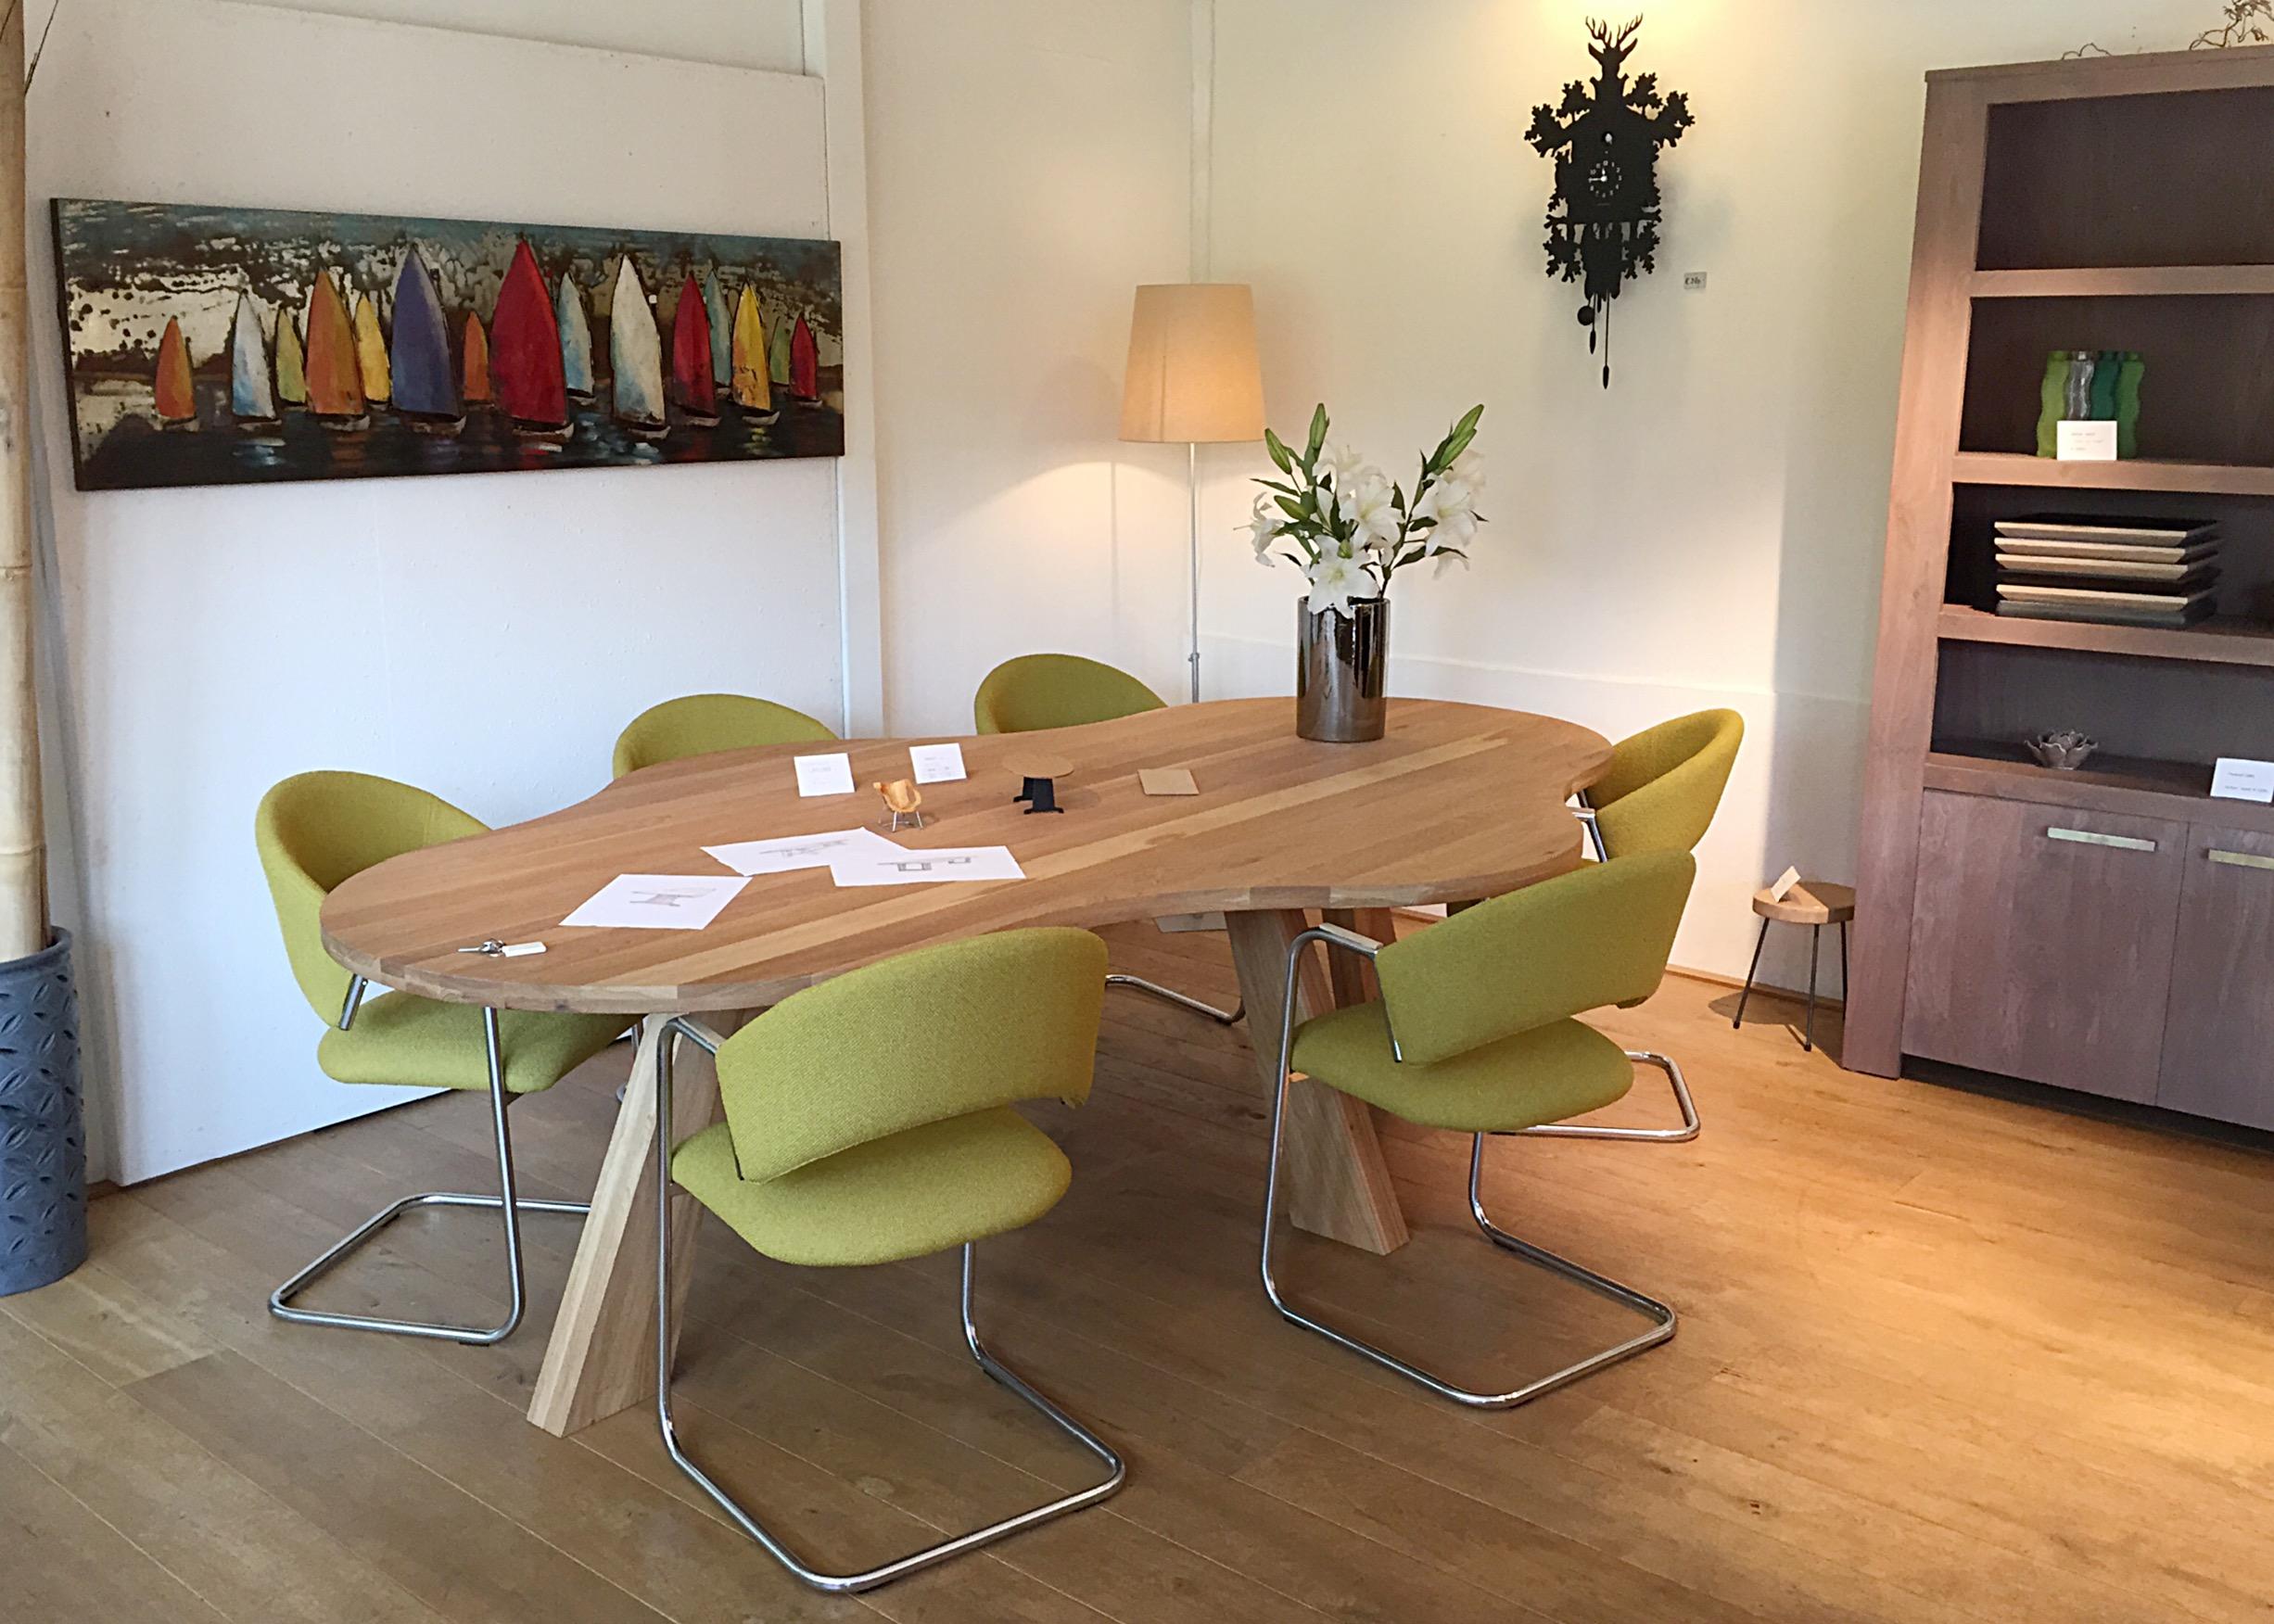 Ook deze prachtige tafel staat in onze showroom